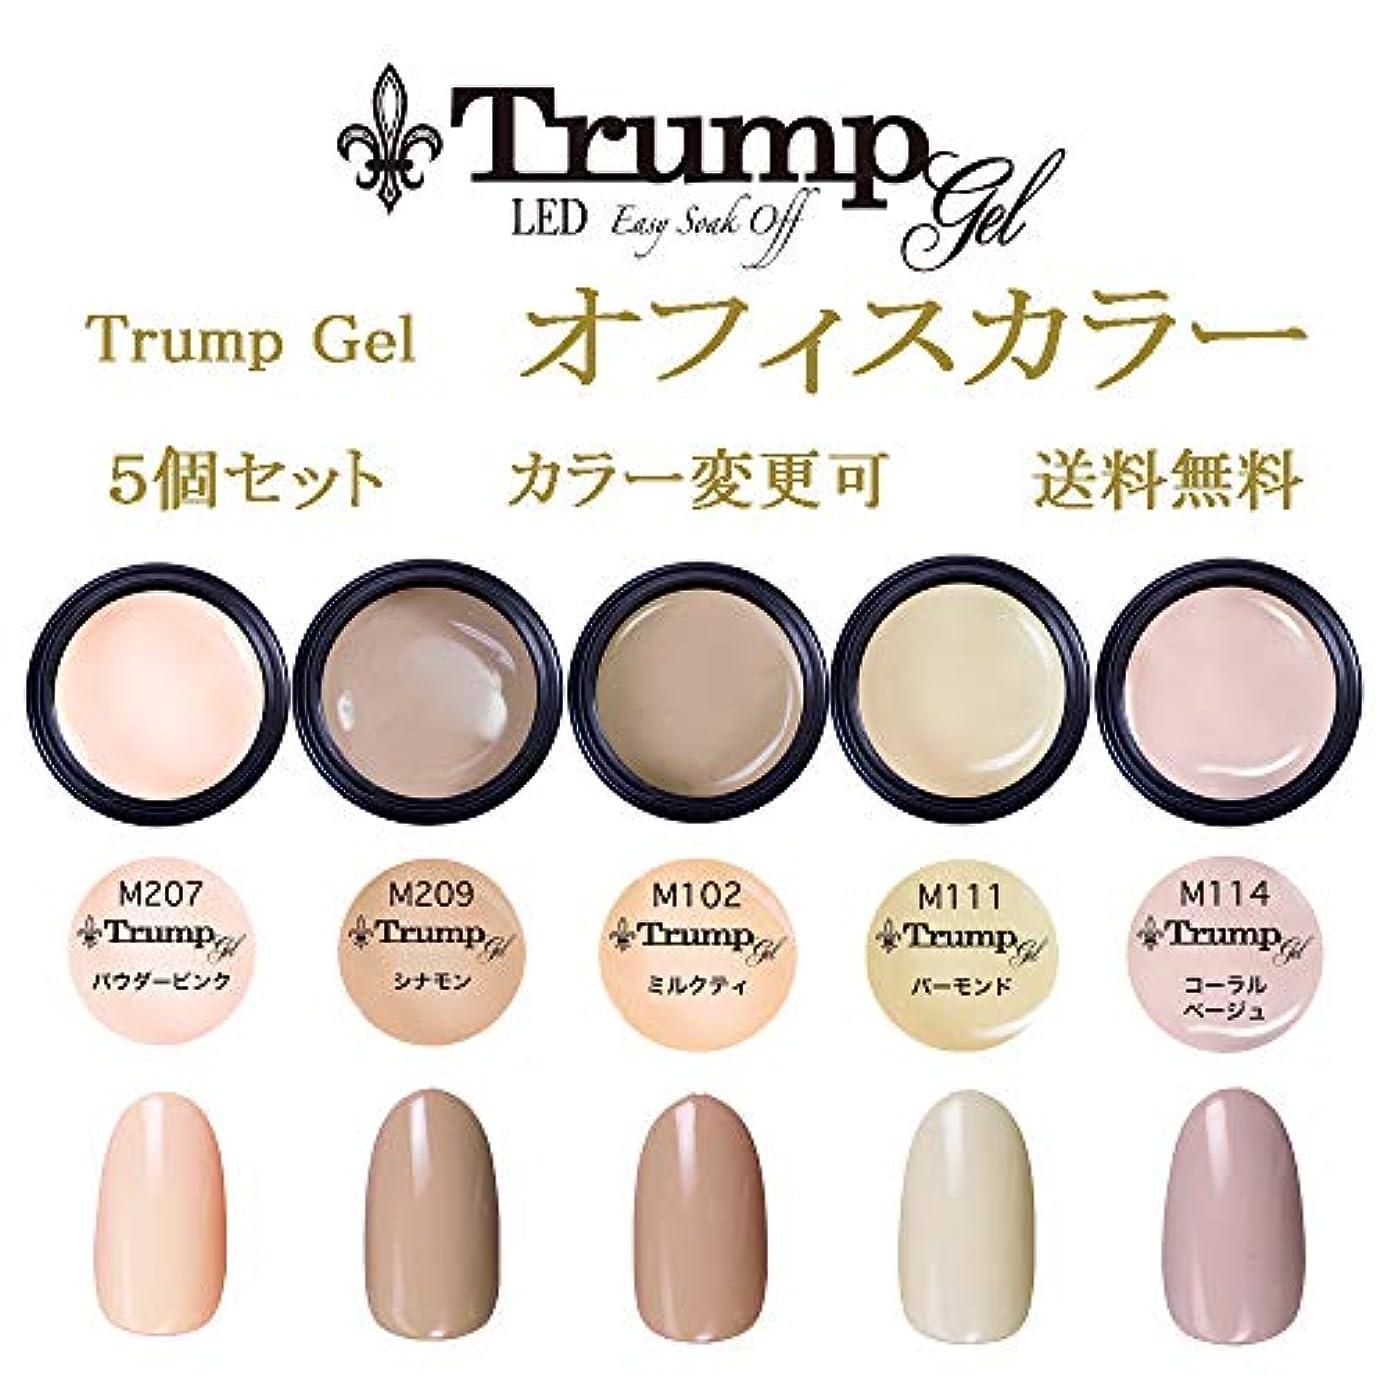 応じるシャーロックホームズ休眠日本製 Trump gel トランプジェル オフィスカラー 選べる カラージェル 5個セット ベージュ ブラウン ピンク ホワイト ビジネス カジュアル オフィス